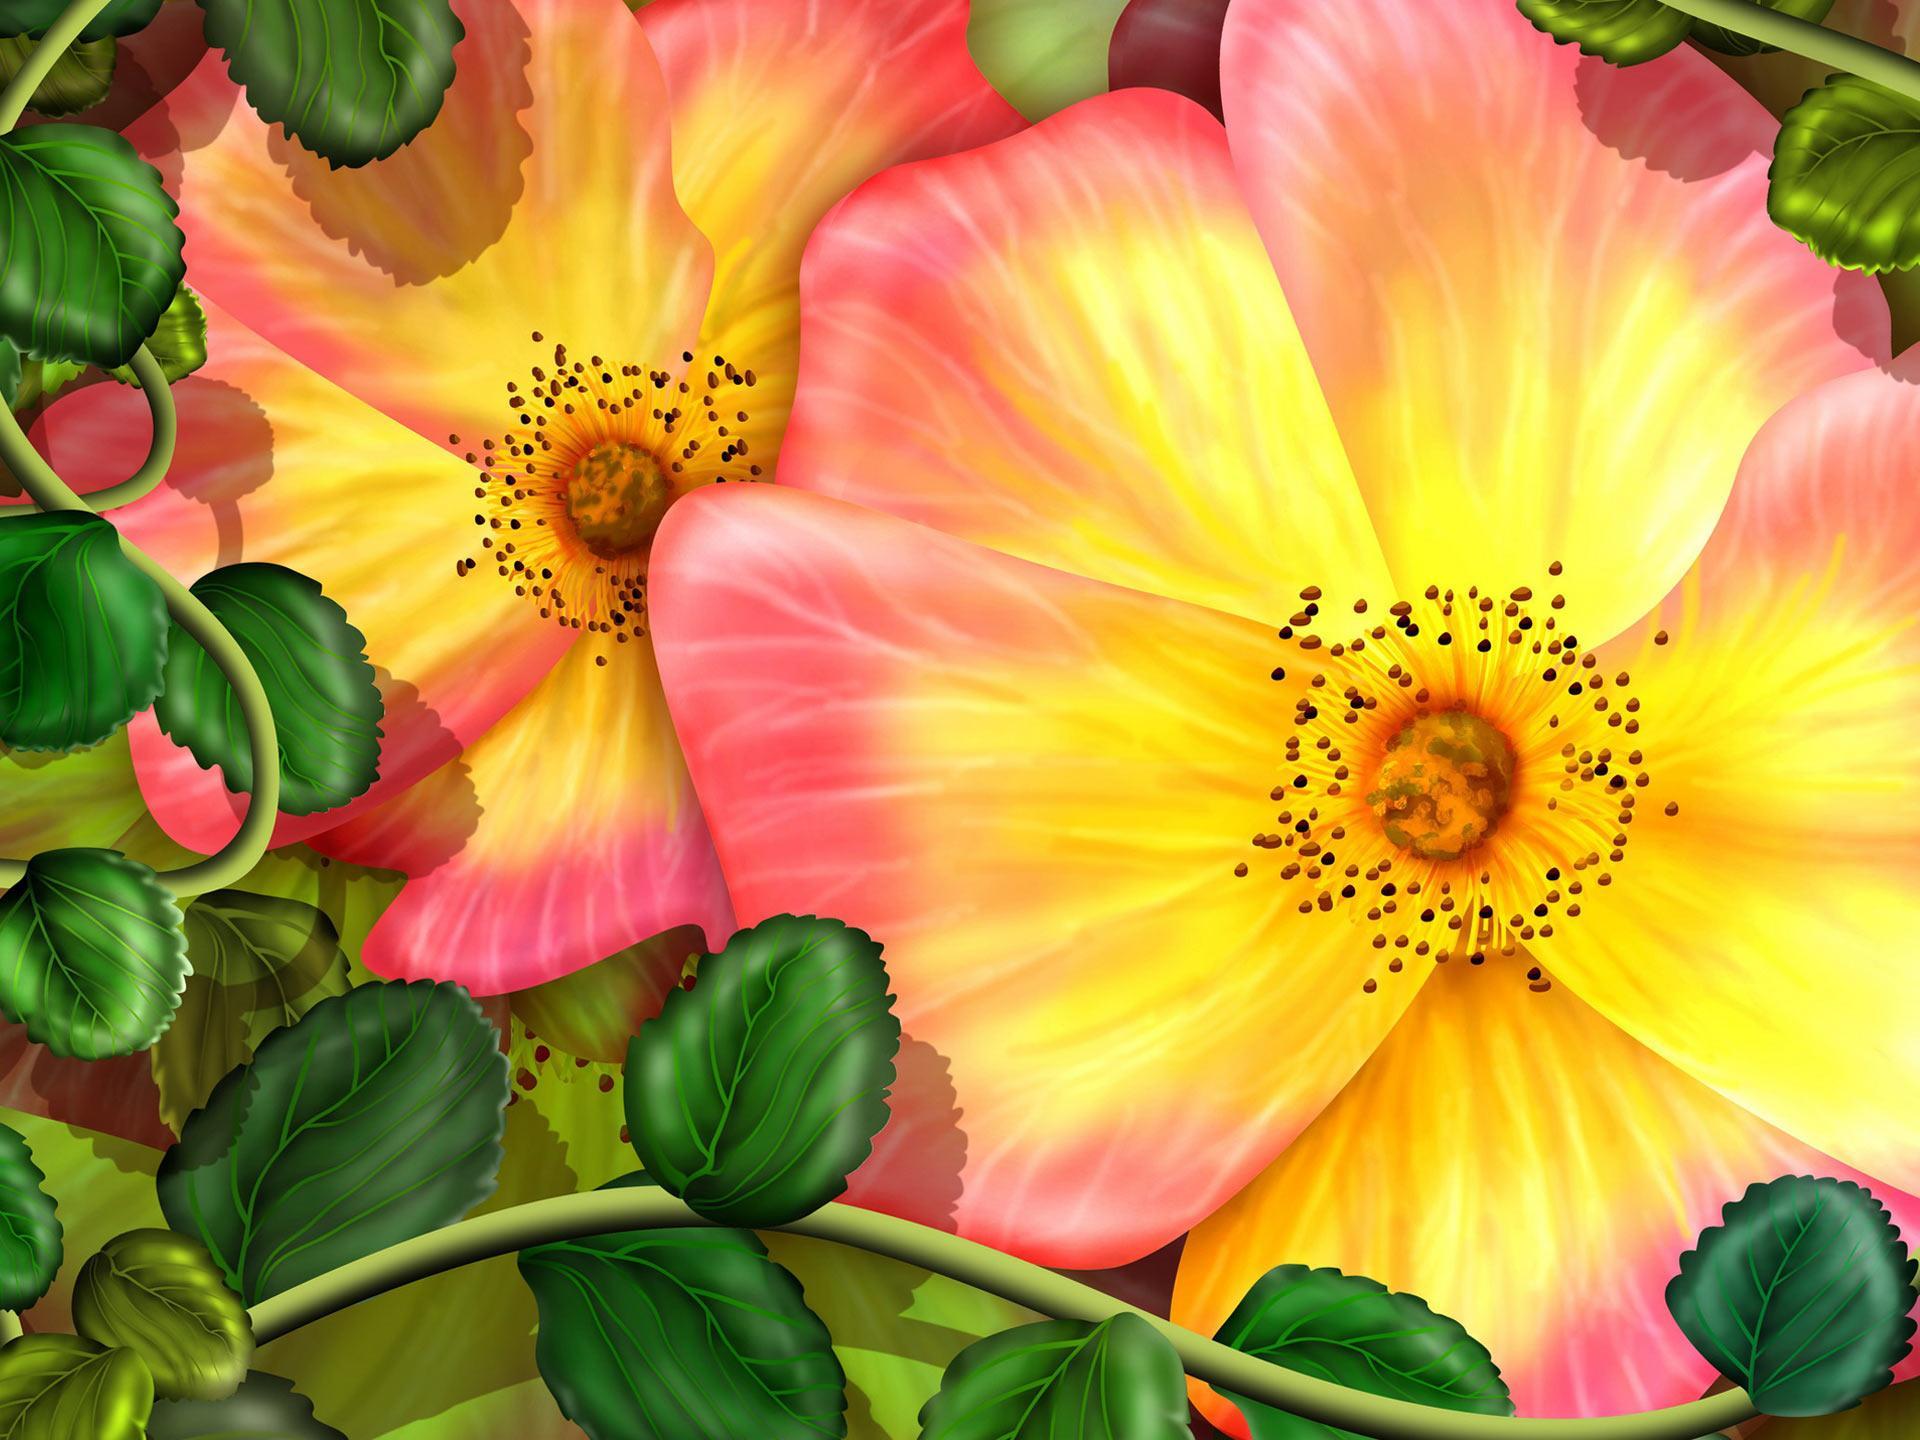 http://img.wallpaperlist.com/uploads/wallpaper/files/exo/exotic-flowers-vector-wallpaper-53b1b10e5e8dd.jpg | art and illustration | Pinterest